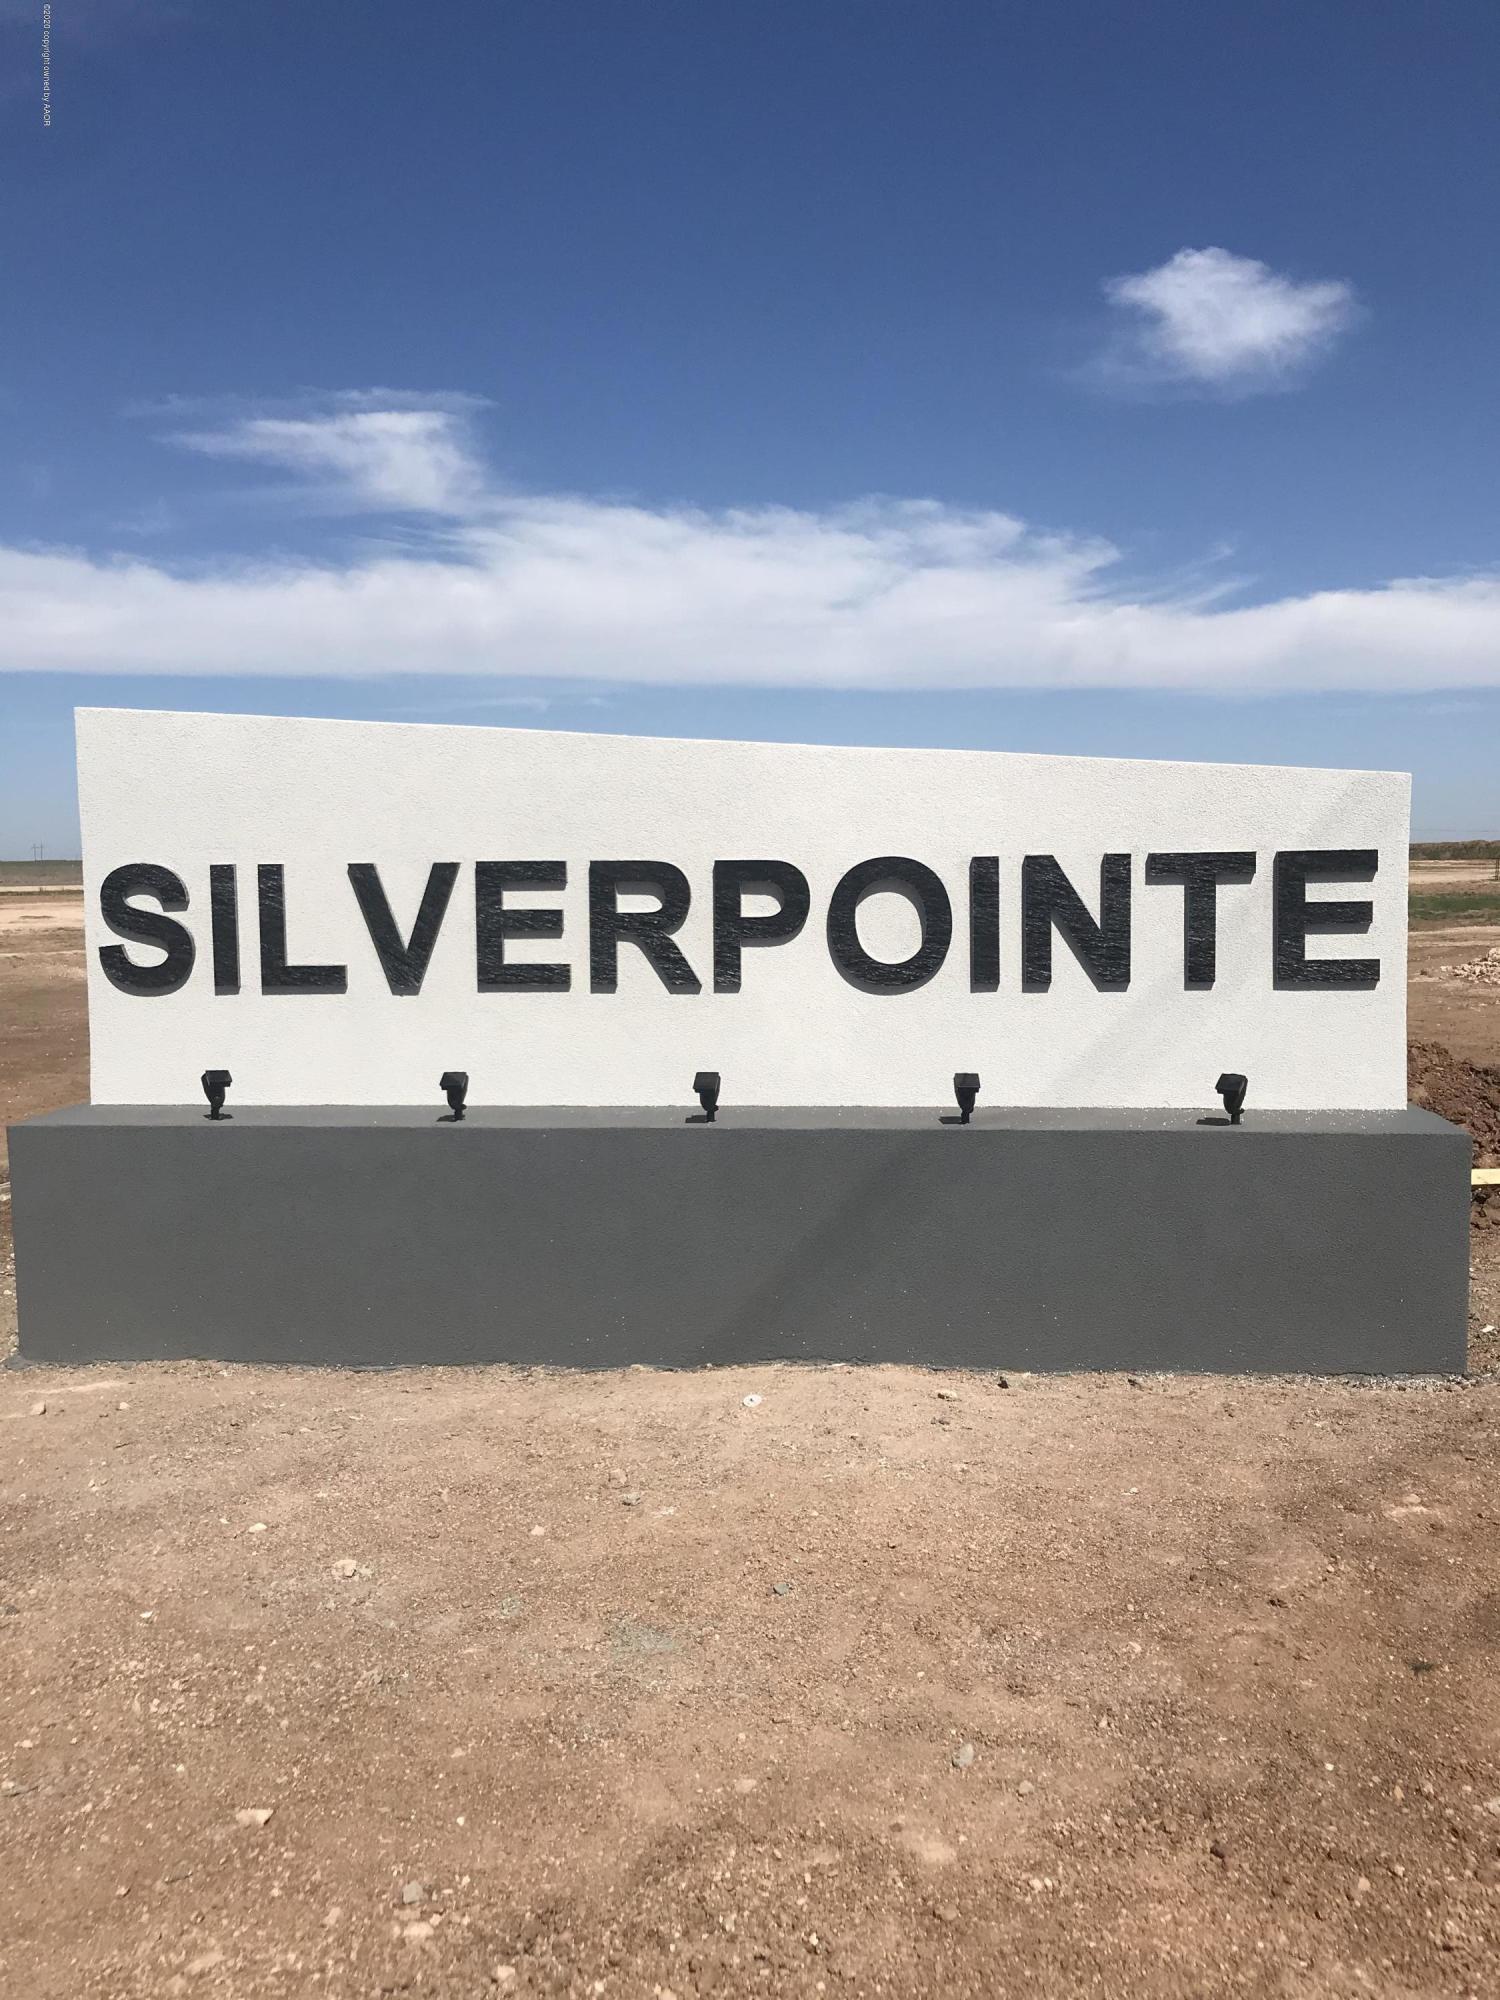 Silverpointe Amarillo, TX 79124